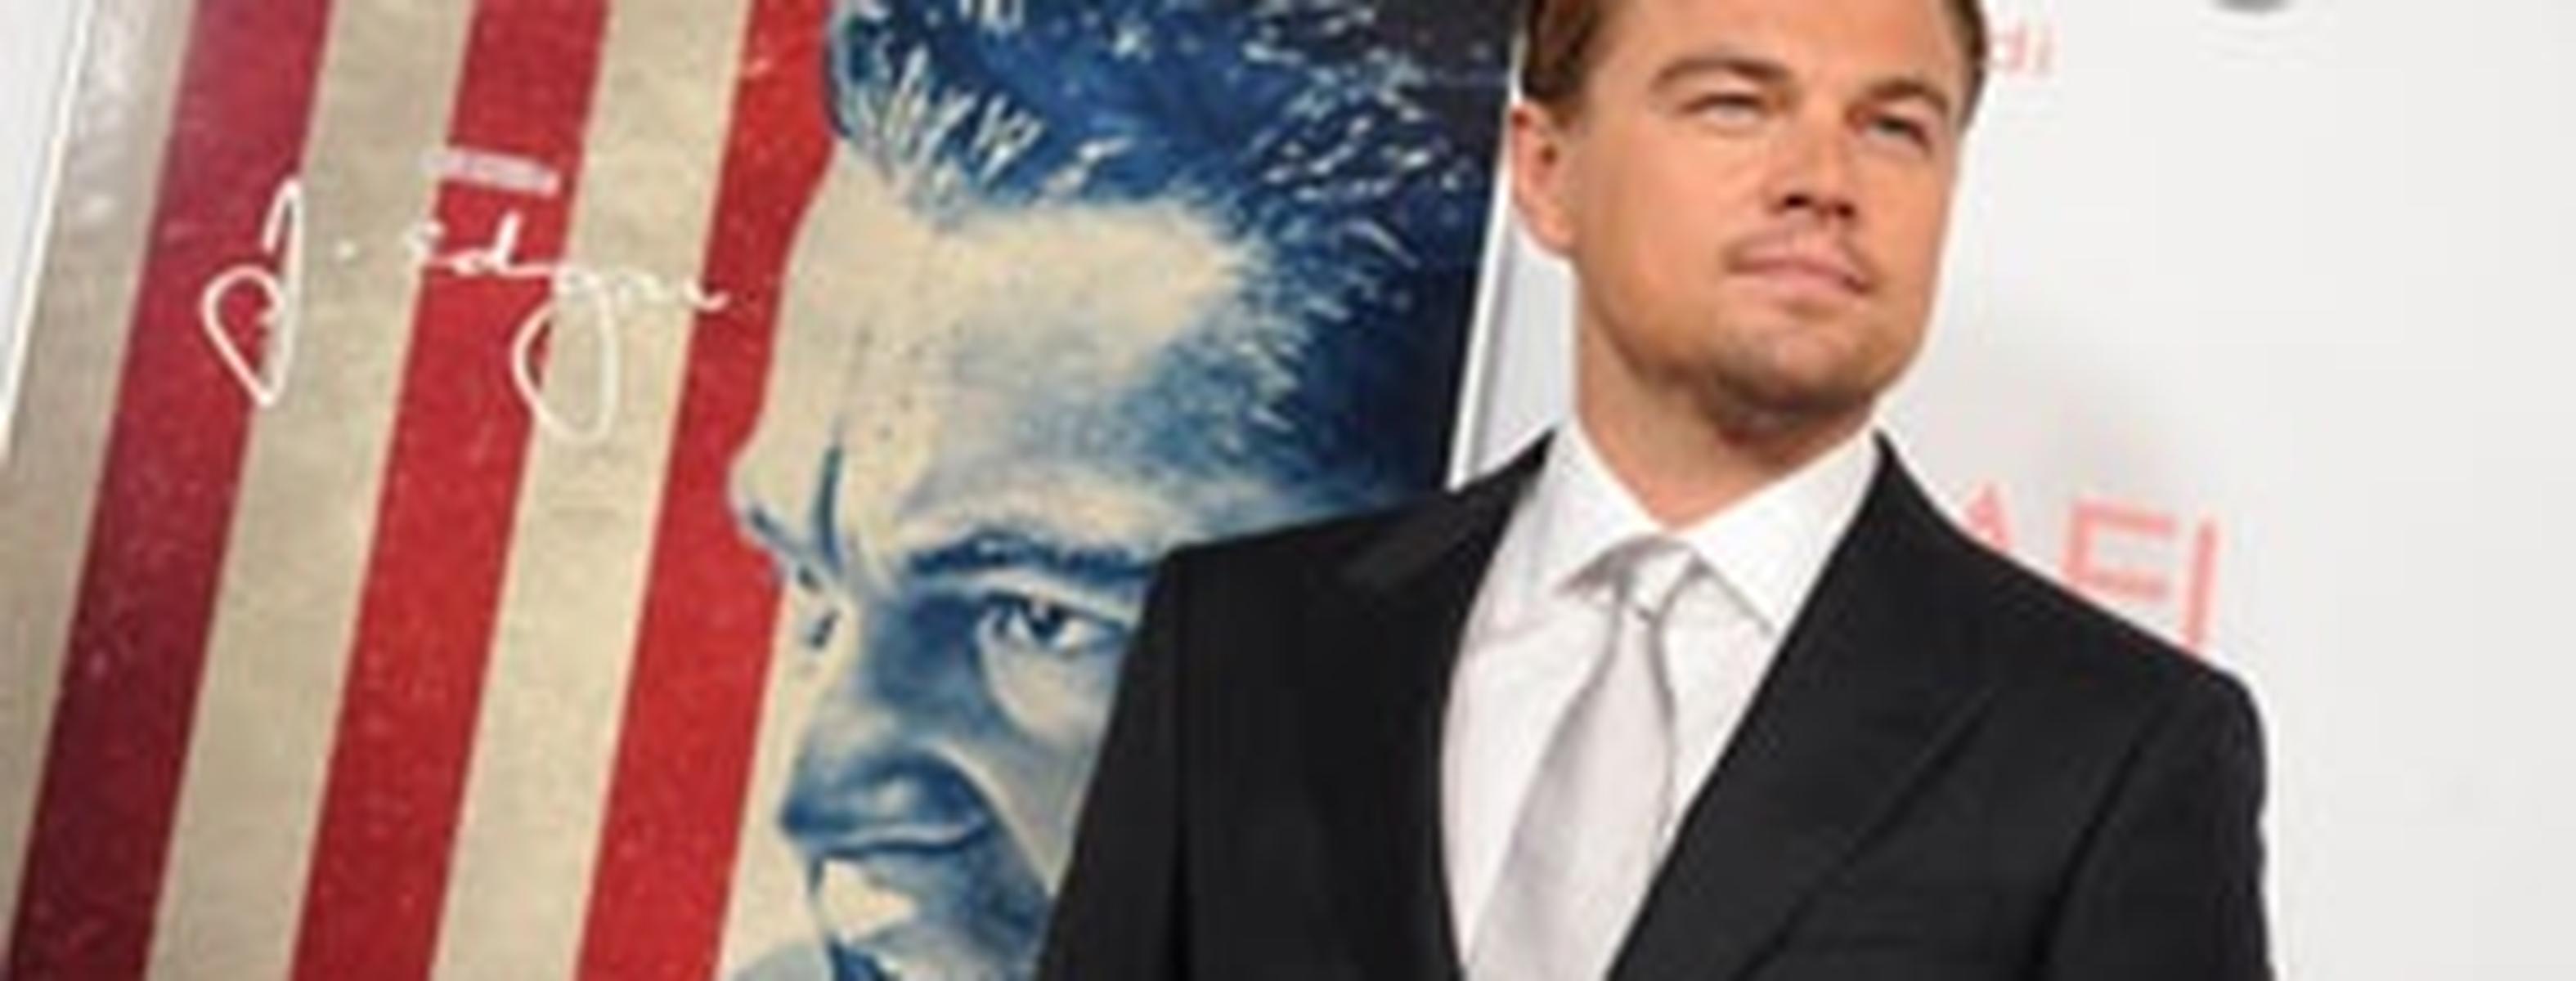 4c2cd6b9902 Leonardo DiCaprio on Embodying J. Edgar Hoover